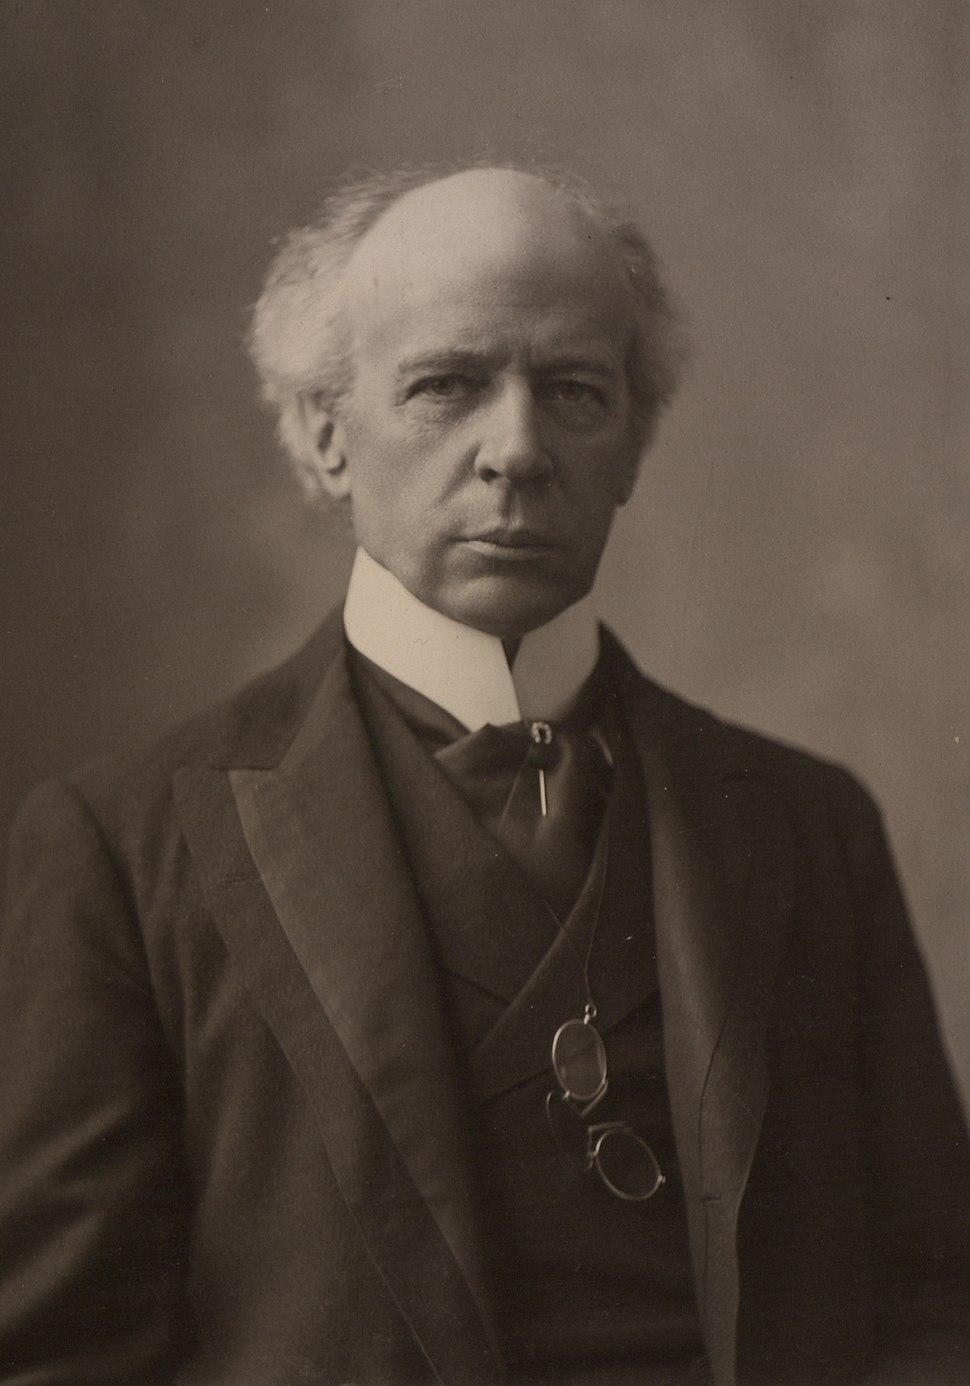 The Honourable Sir Wilfrid Laurier Photo C (HS85-10-16873) - medium crop